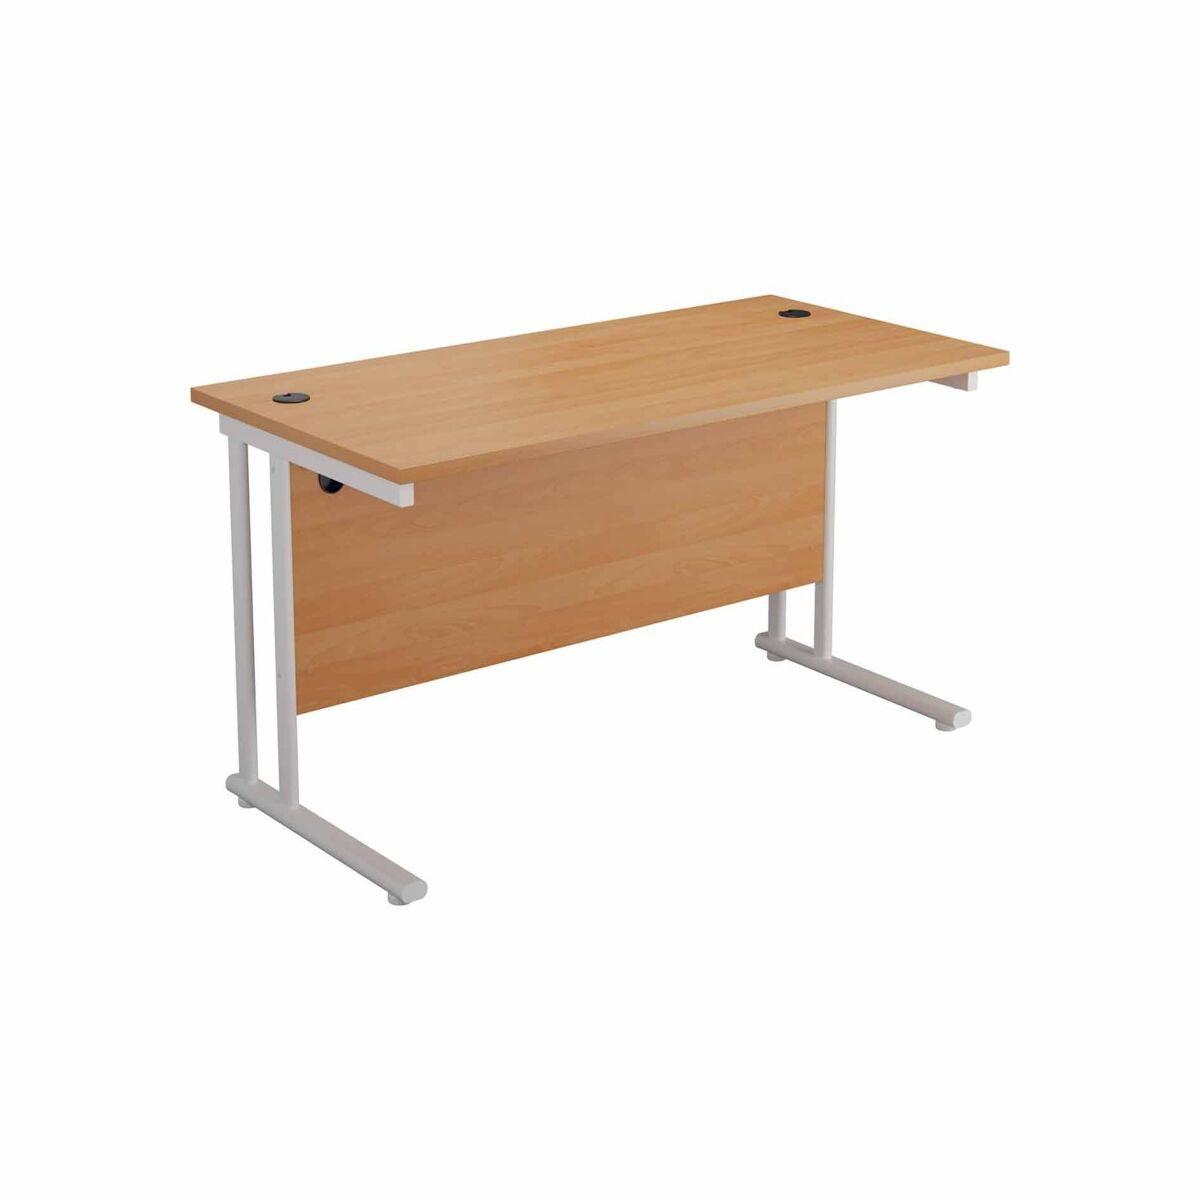 TC Office Start White Cantilever Frame Desk 1200x800mm